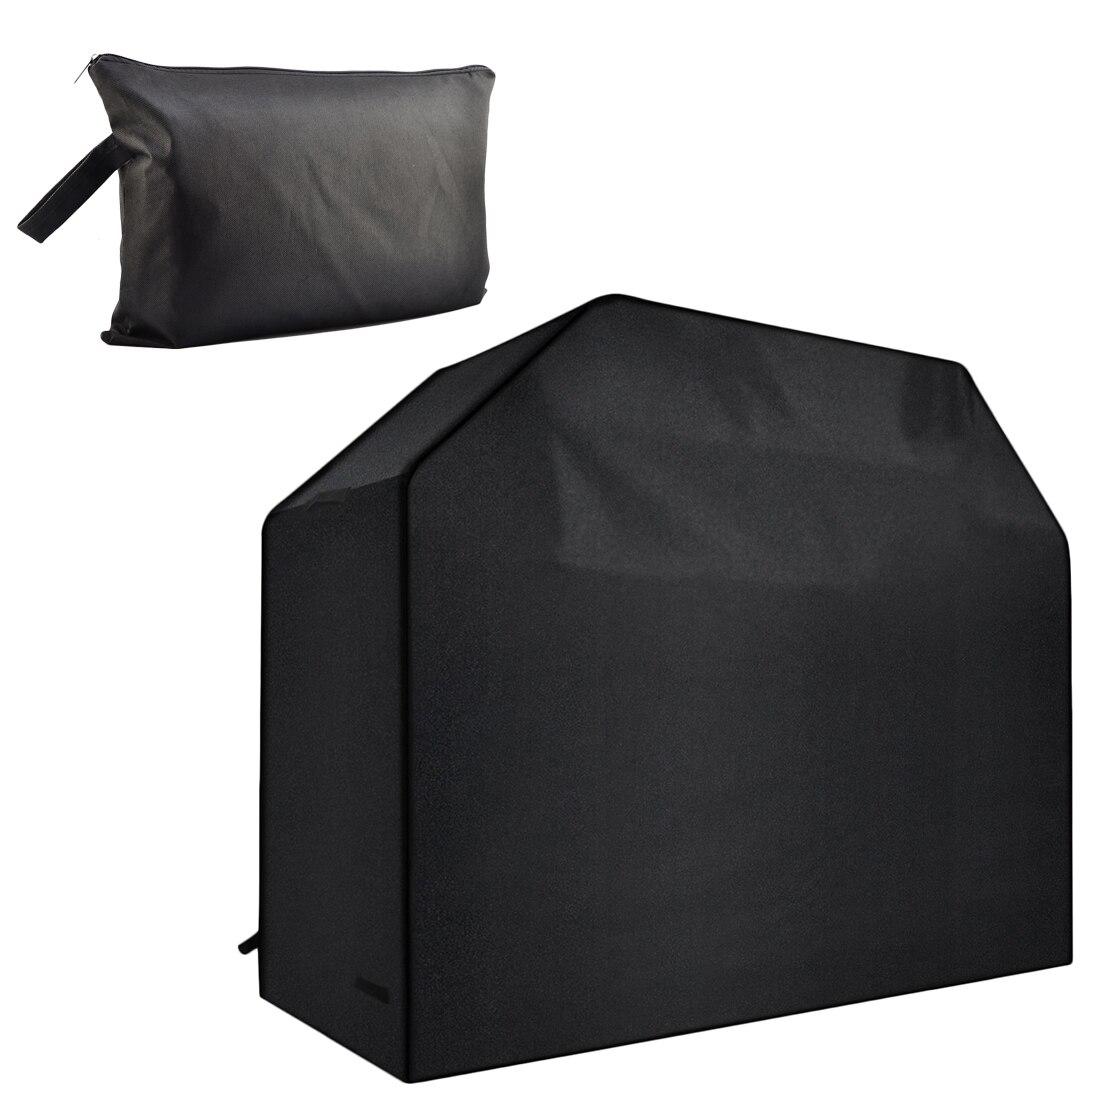 E-SHOW 600D Panno di Oxford Impermeabile Barbecue Copertura Casa Outdoor Antipolvere UV di Protezione Barbecue Grill Protector-Nero